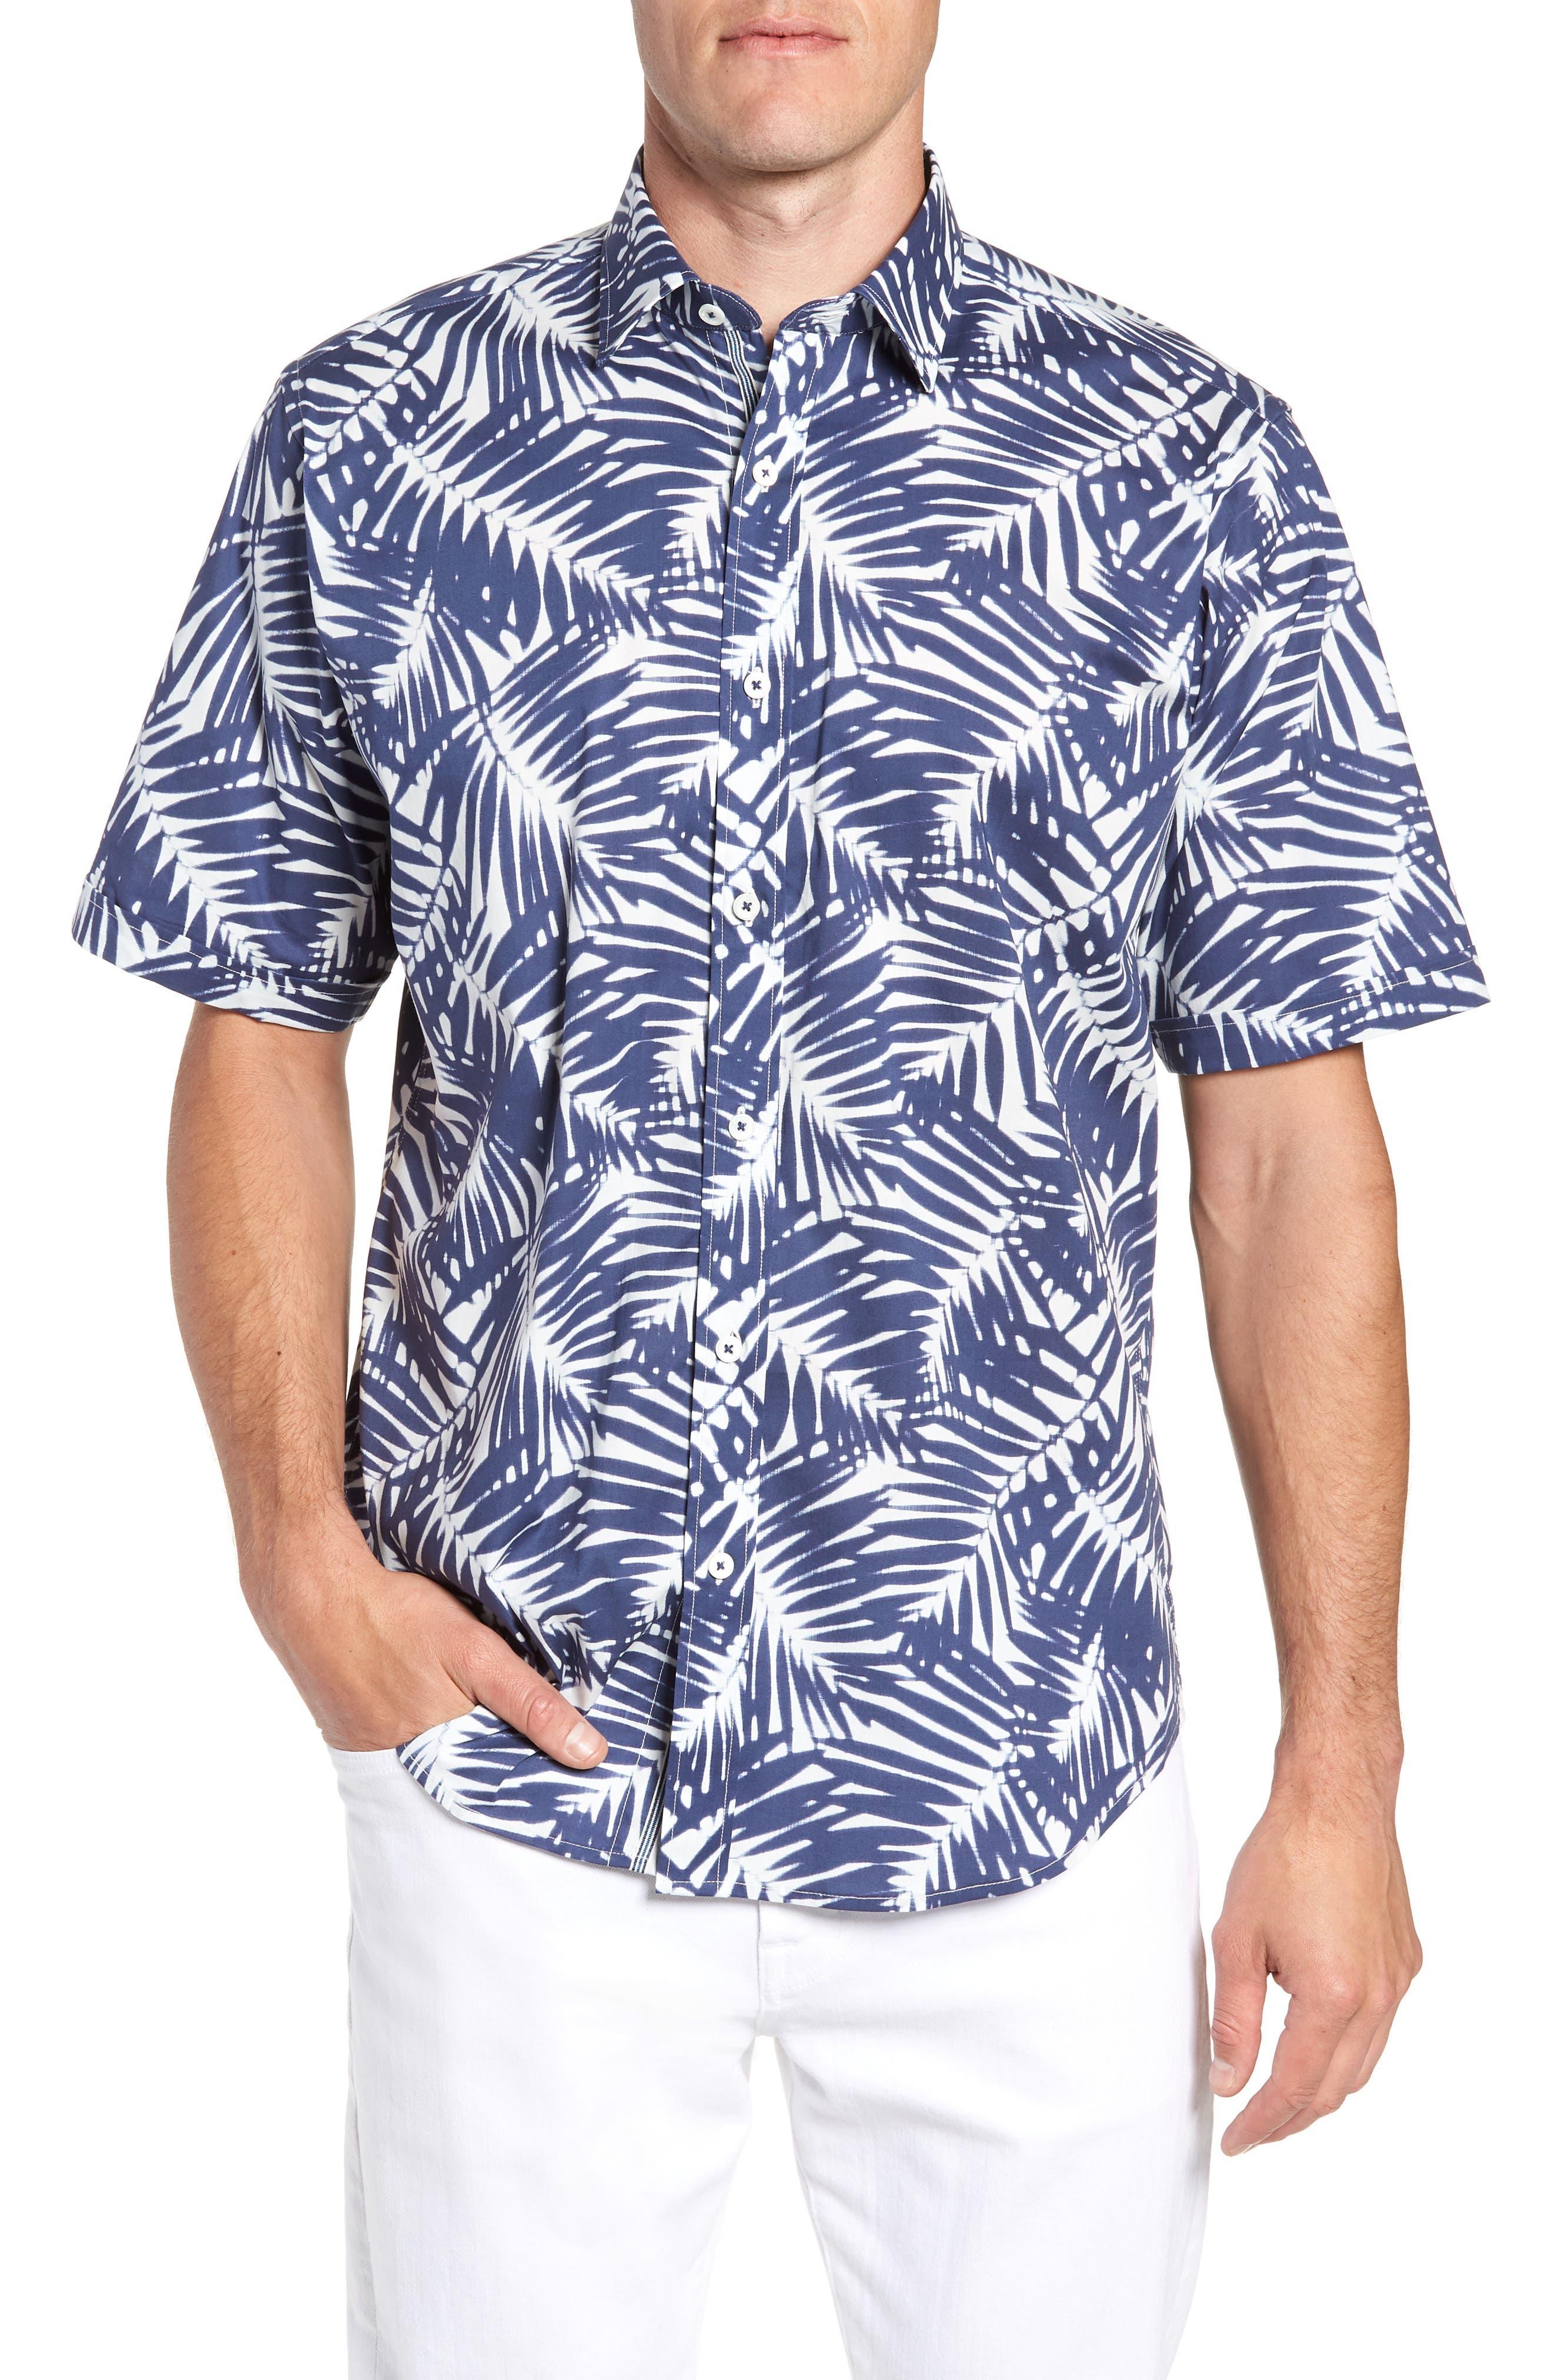 Indigo Palms Classic Fit Sport Shirt,                         Main,                         color, 411